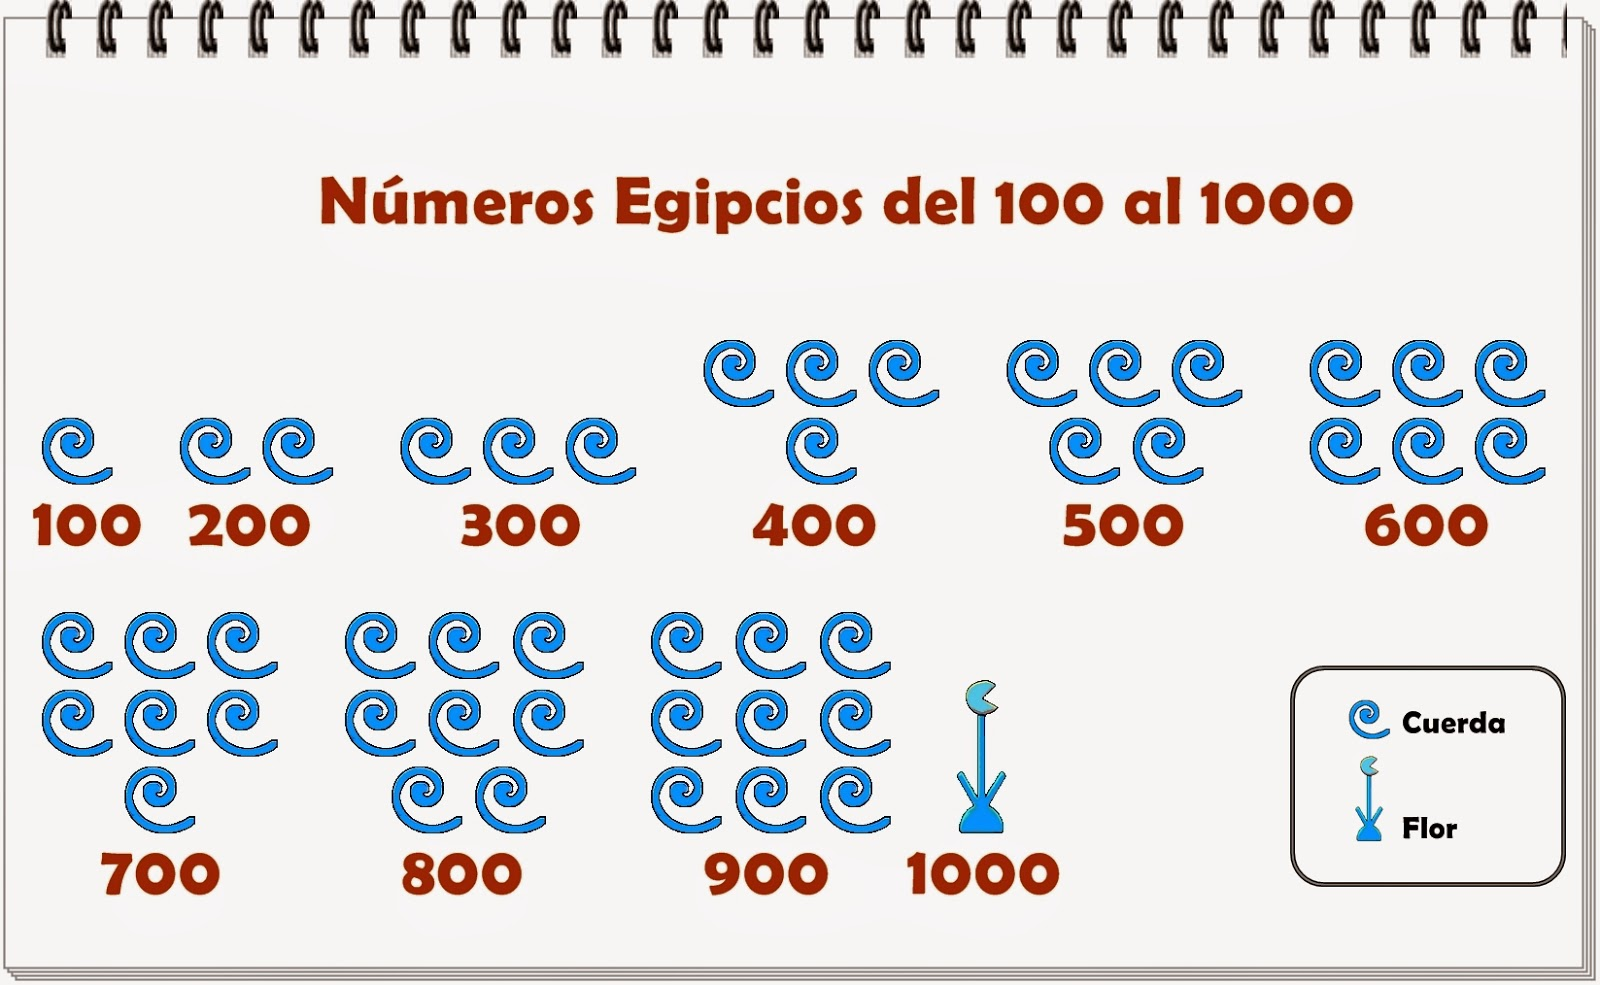 Números Egipcios del 1 al 100